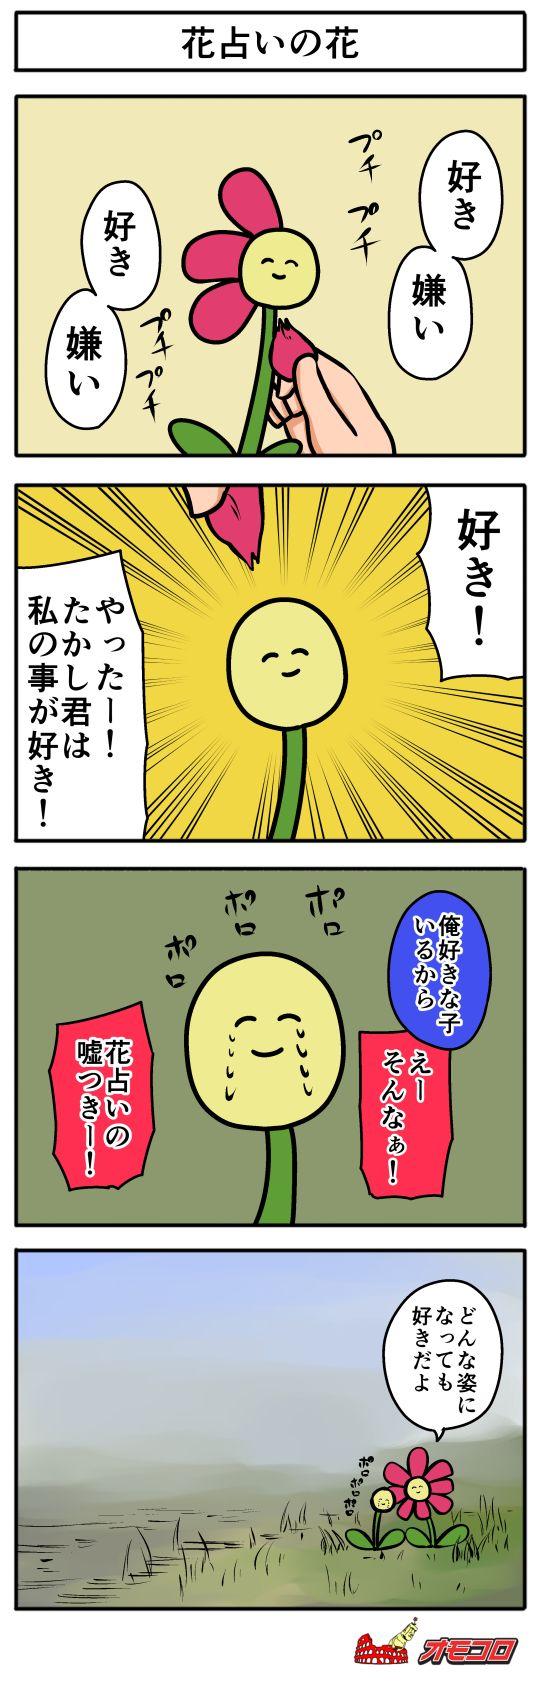 【4コマ漫画】花占いの花 | オモコロ